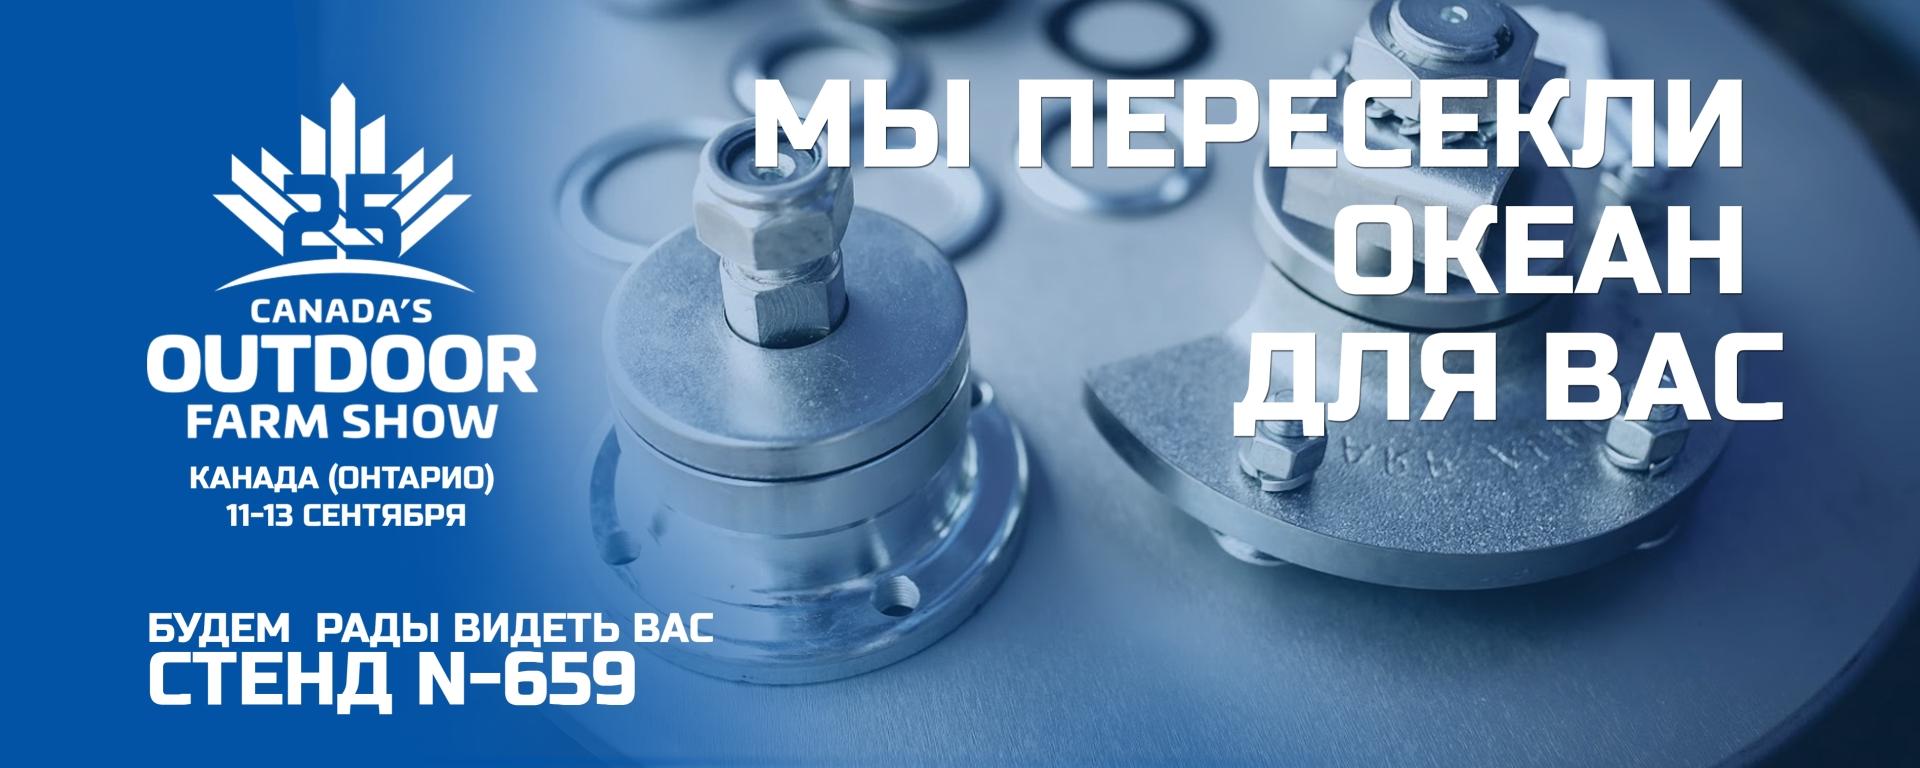 1920x769_HARP_ru.jpg